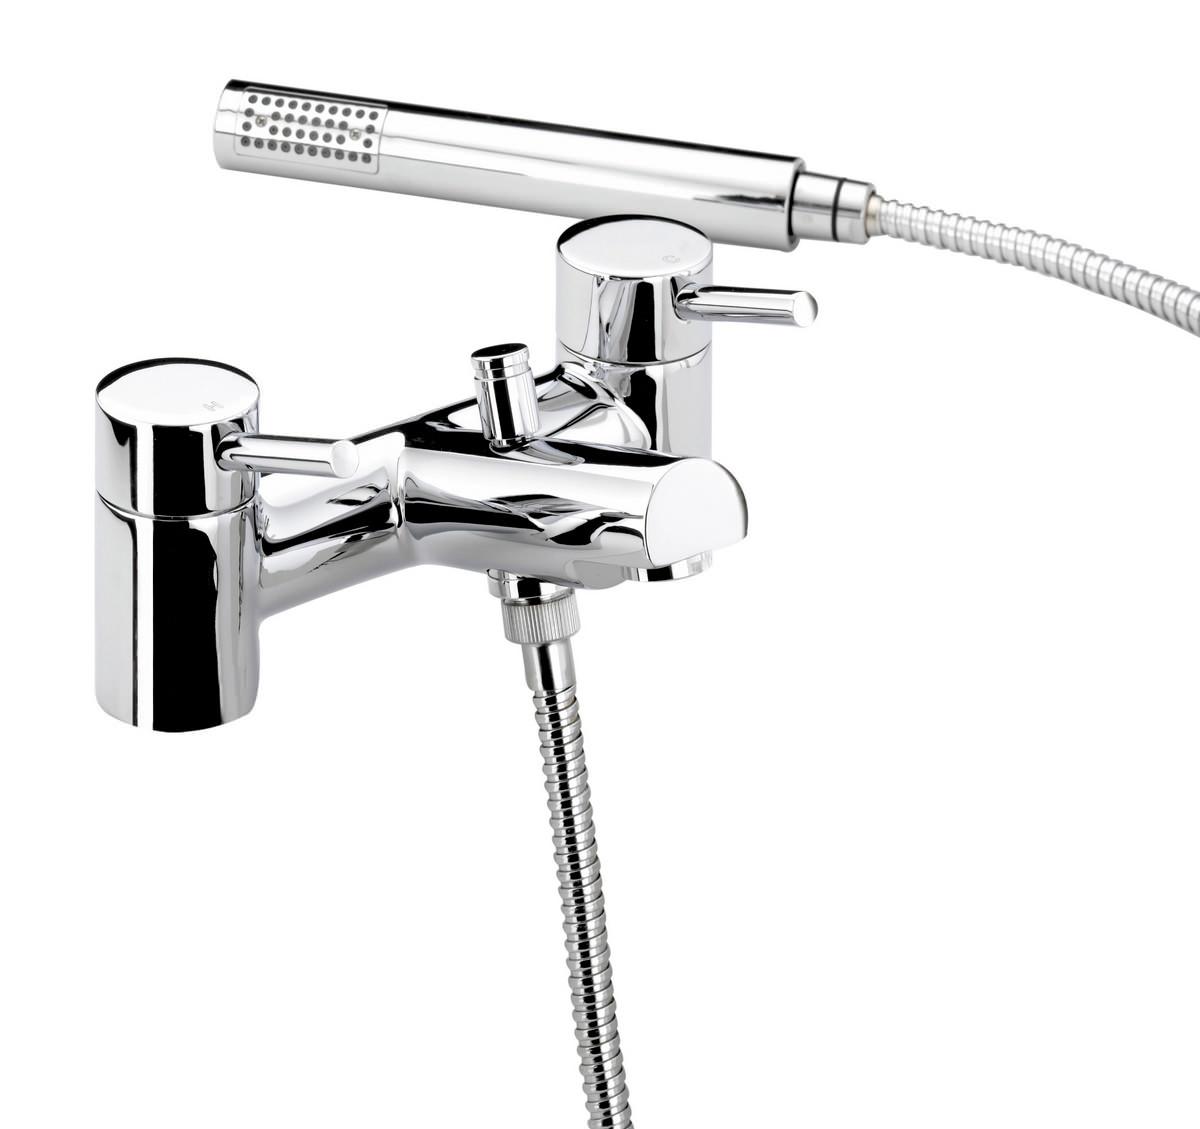 Bristan Prism Chrome Plated Bath Shower Mixer Tap Pm Bsm C